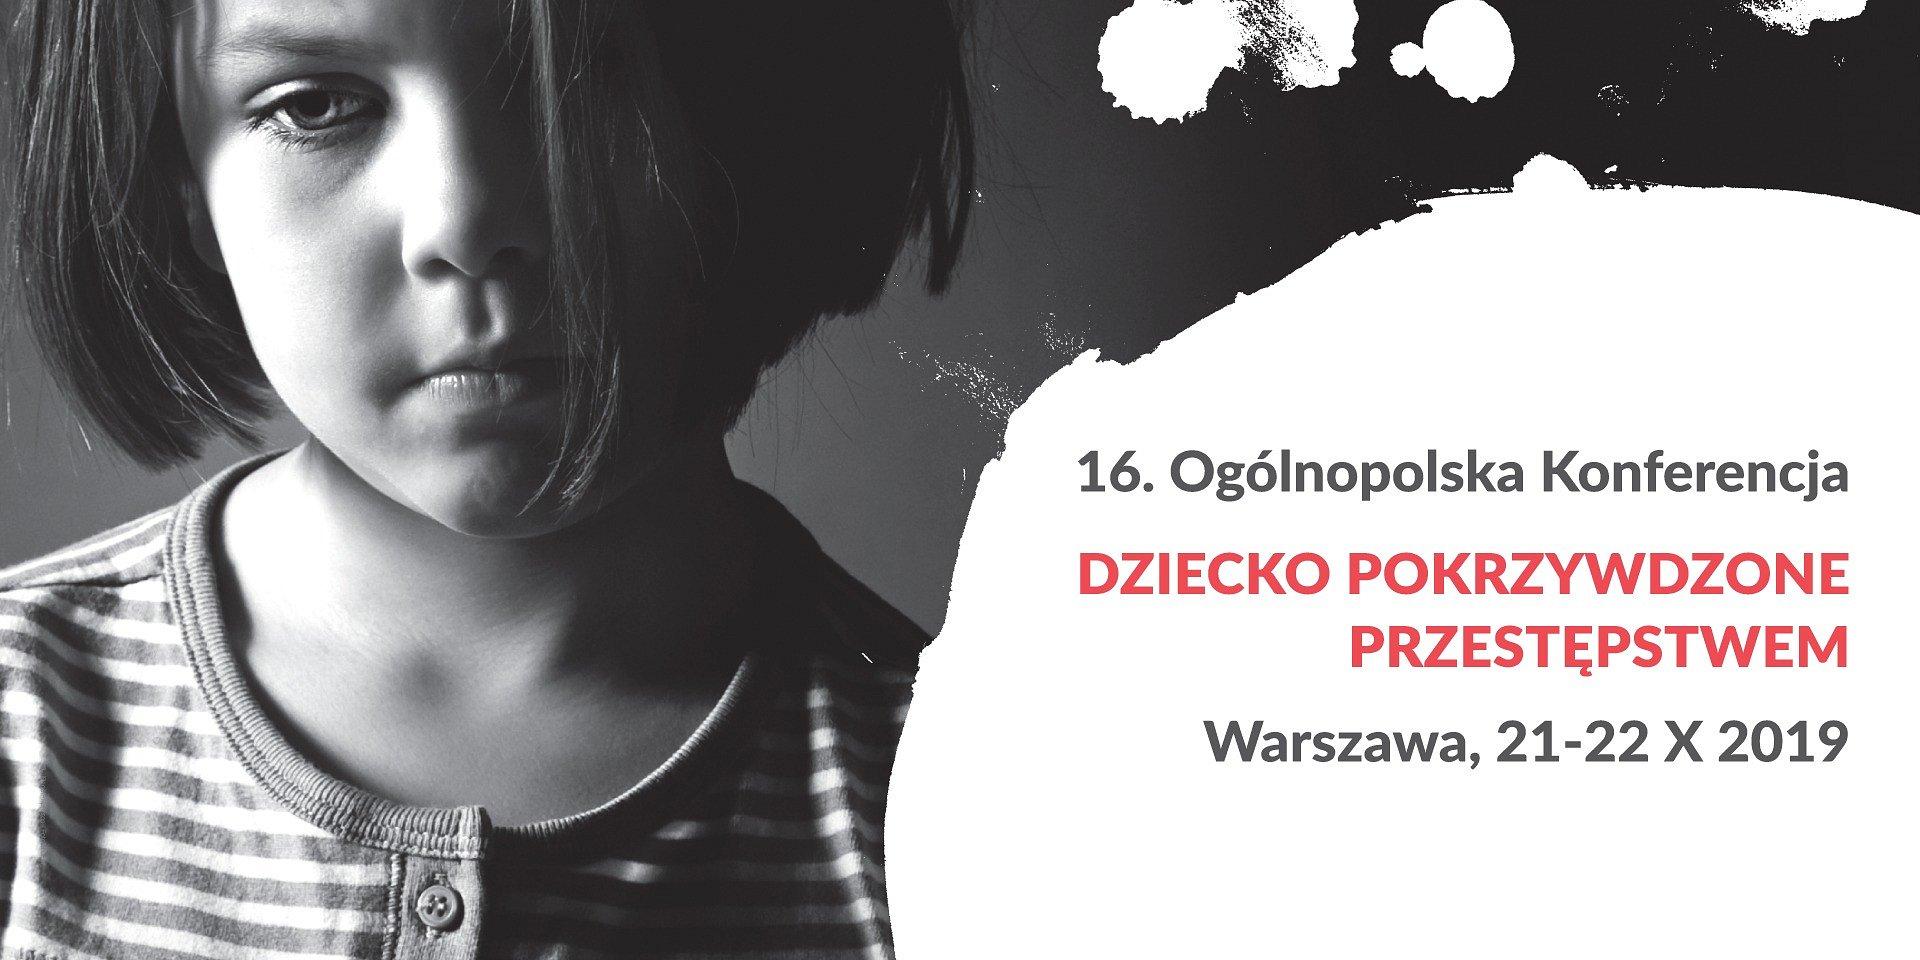 Największa w Polsce konferencja o pomocy dzieciom pokrzywdzonym przestępstwem